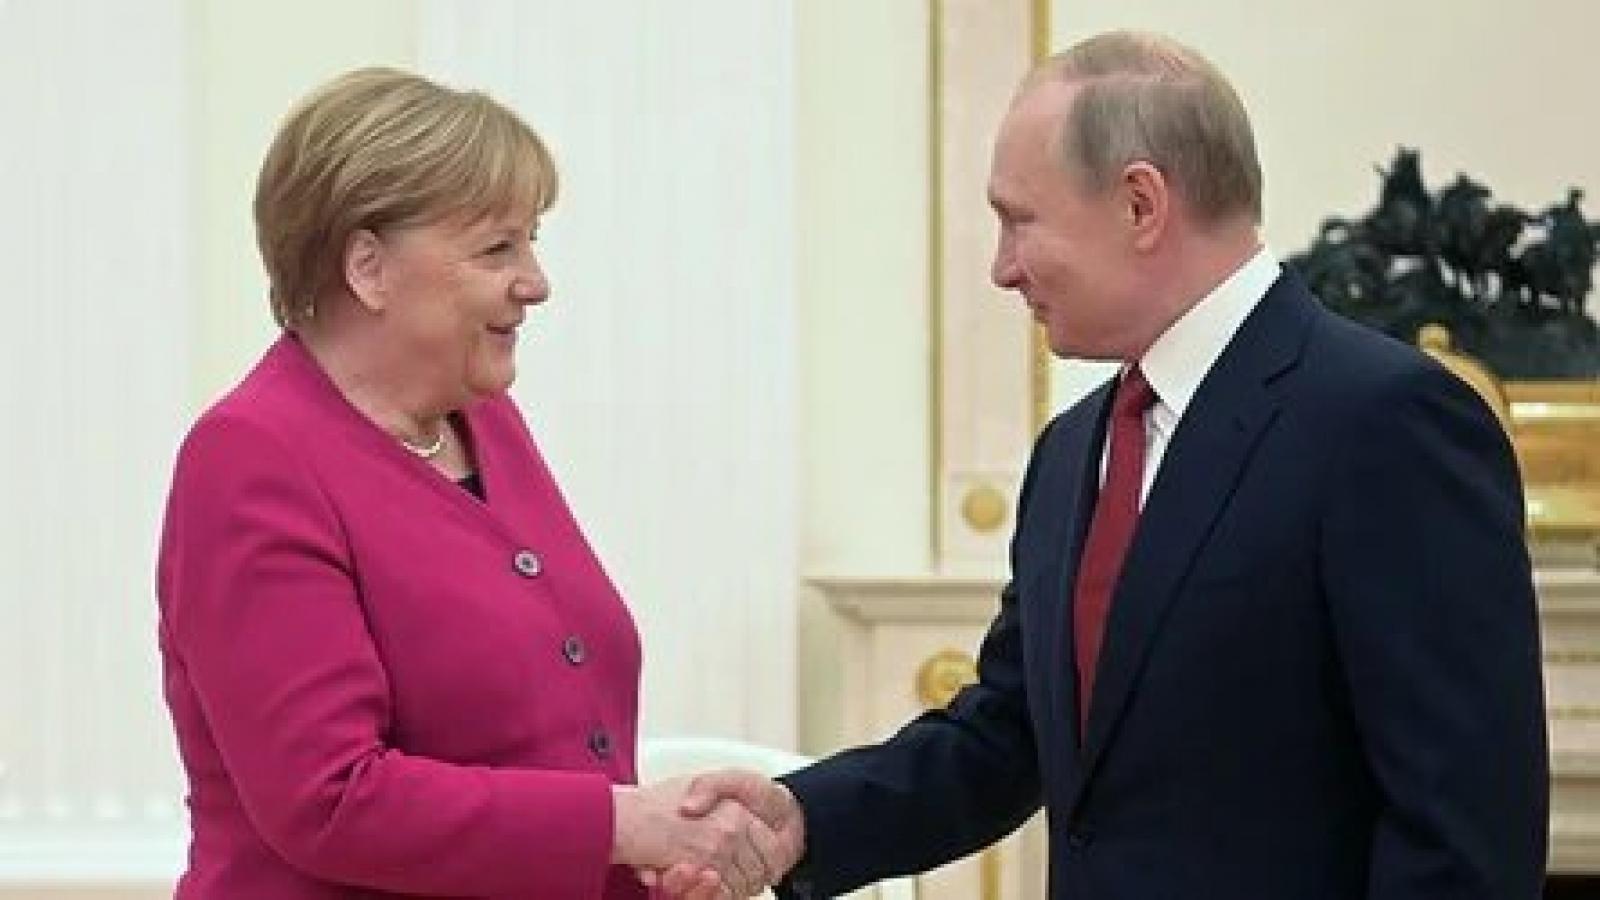 Tổng thống Nga và Thủ tướng Đức sắp hội đàm, có thể thảo luận Dòng chảy phương Bắc 2